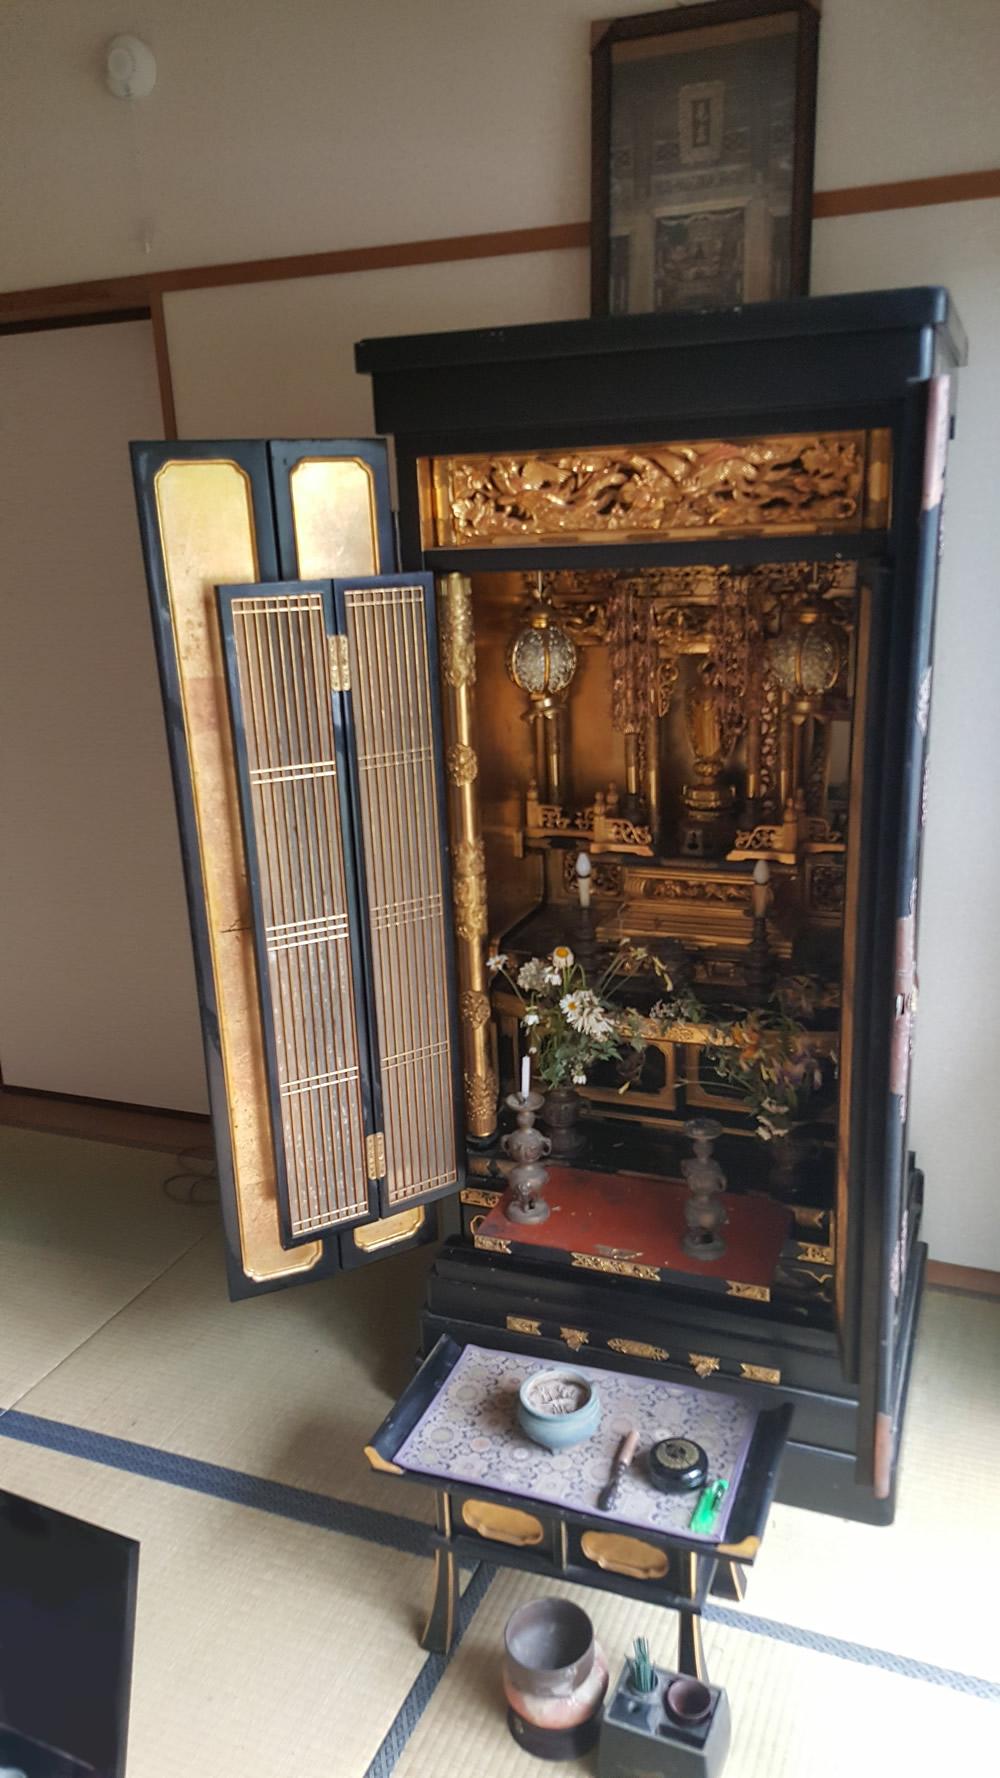 【国東市】遺品整理も対応可能!仕分けから仏壇の処分まで全てお願いできた、と喜んで頂けました!